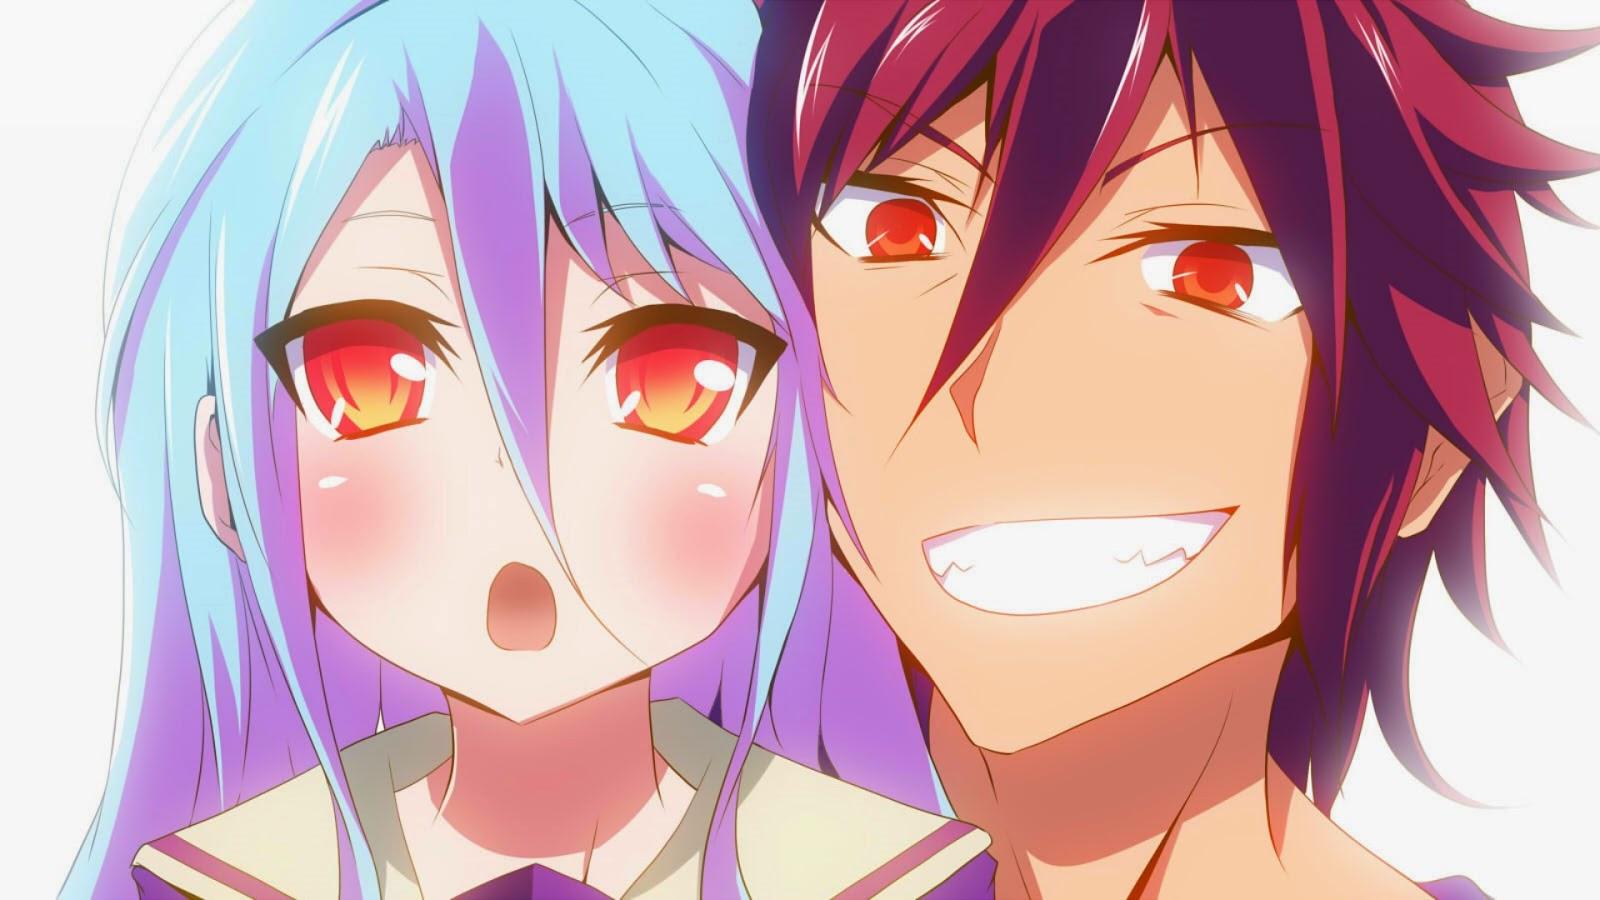 Rthor S Anime Blog Anime Review No Game No Life